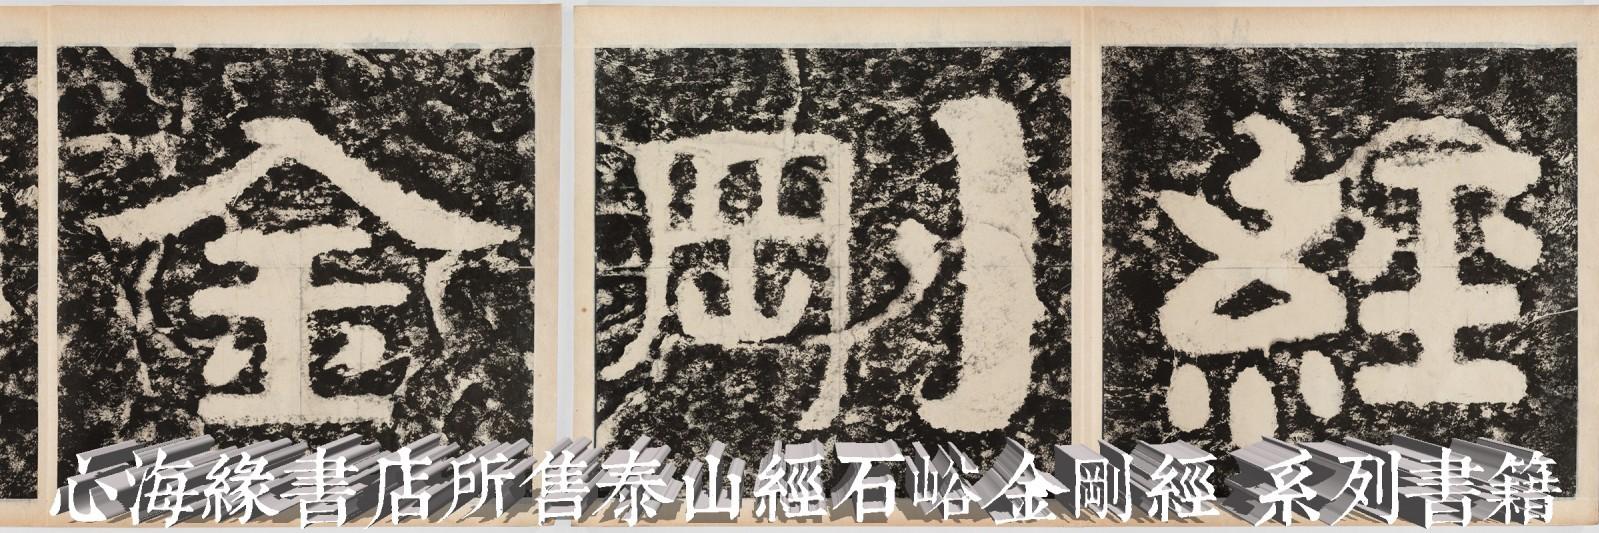 http://shop.kongfz.com/2154/special/62564/